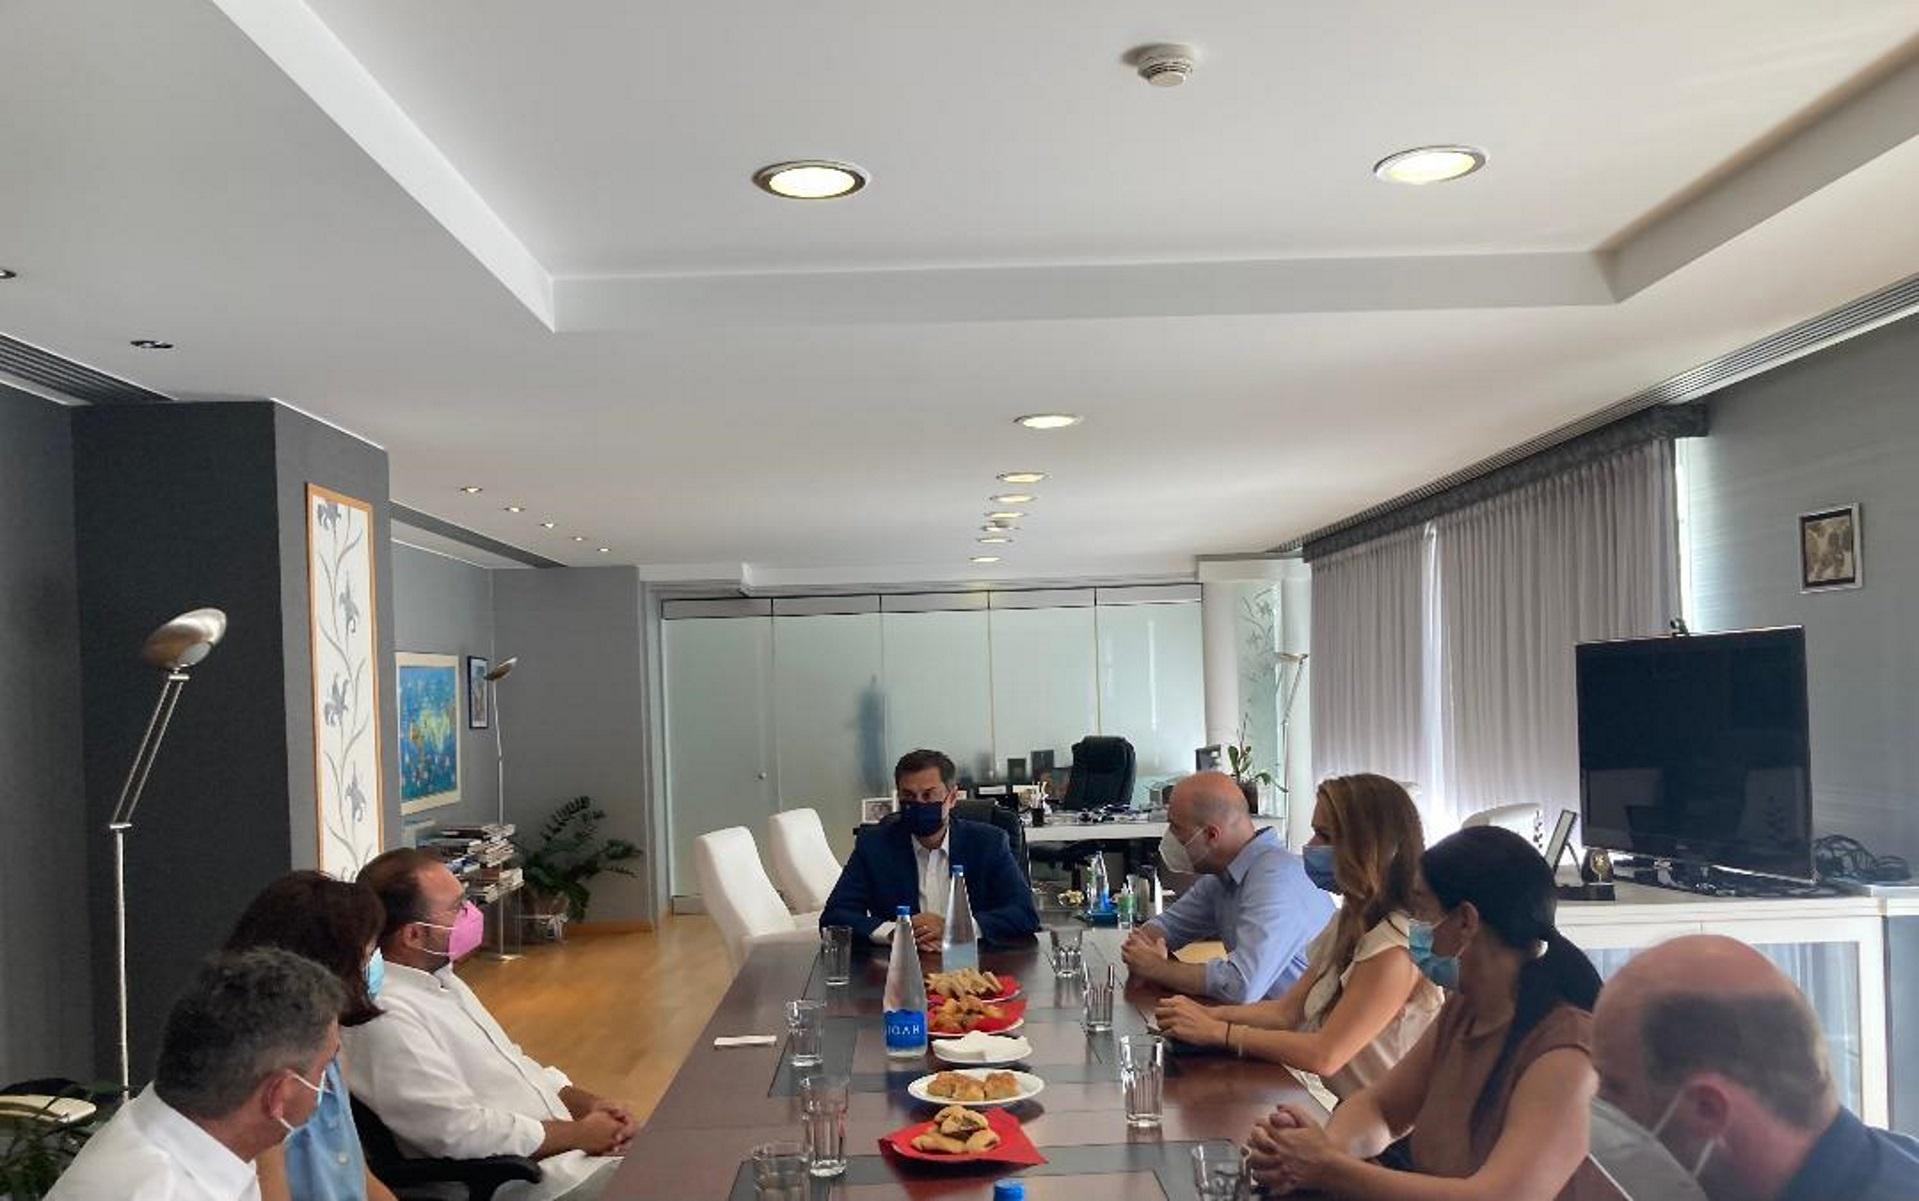 Χάρης Θεοχάρης από την Αιδηψό: Δέσμευση για στήριξη του τουριστικού τομέα στην Εύβοια